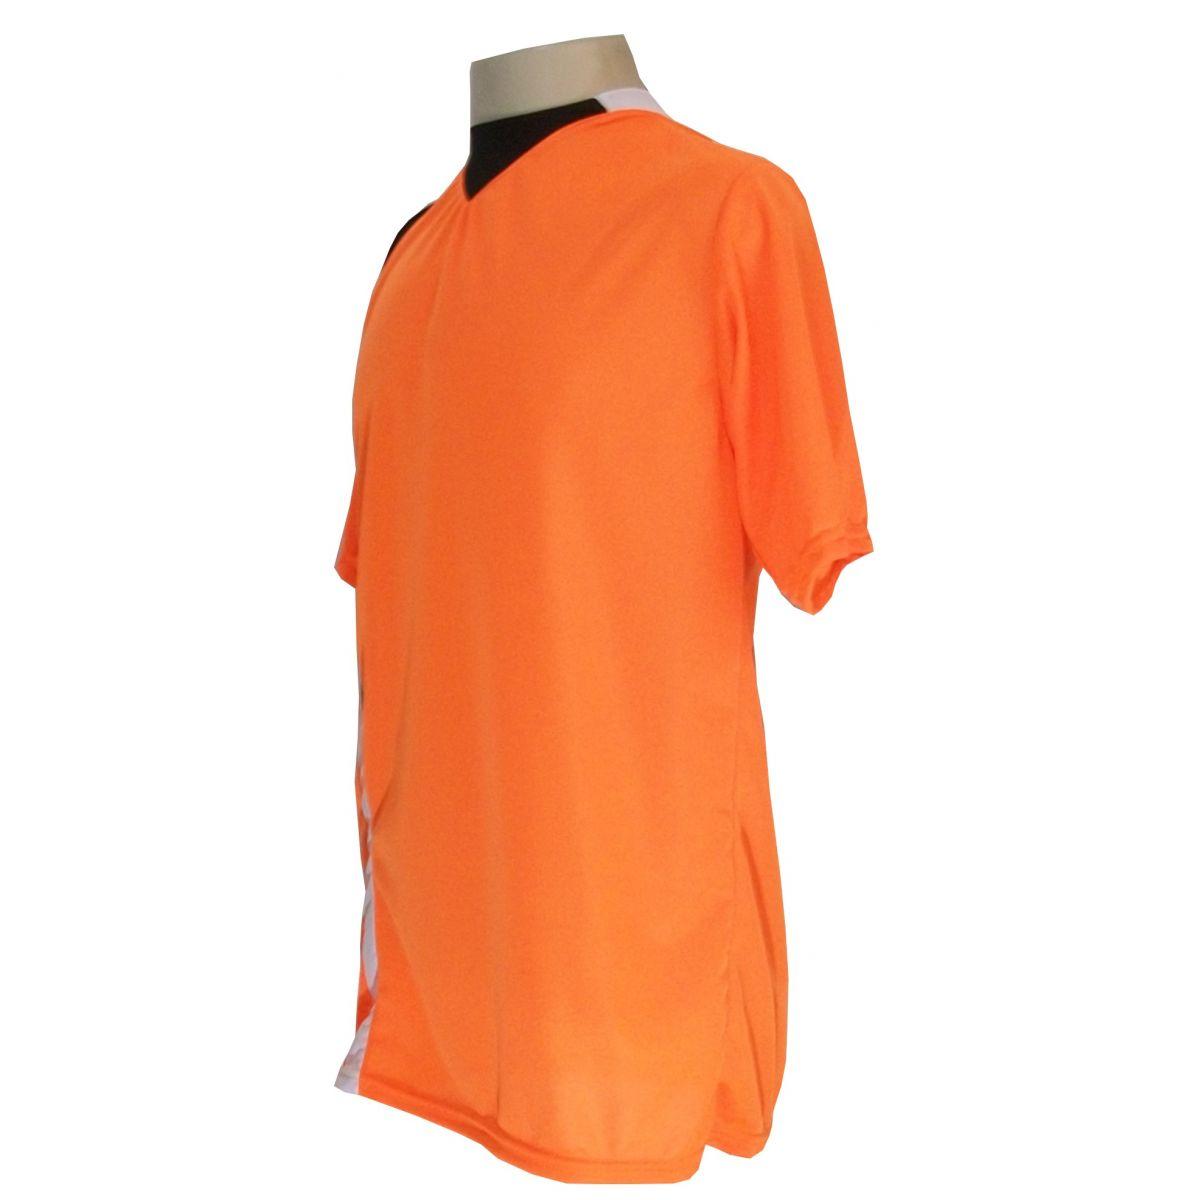 Uniforme Esportivo com 14 camisas modelo PSG Laranja/Preto/Branco + 14 calções modelo Madrid Branco + Brindes